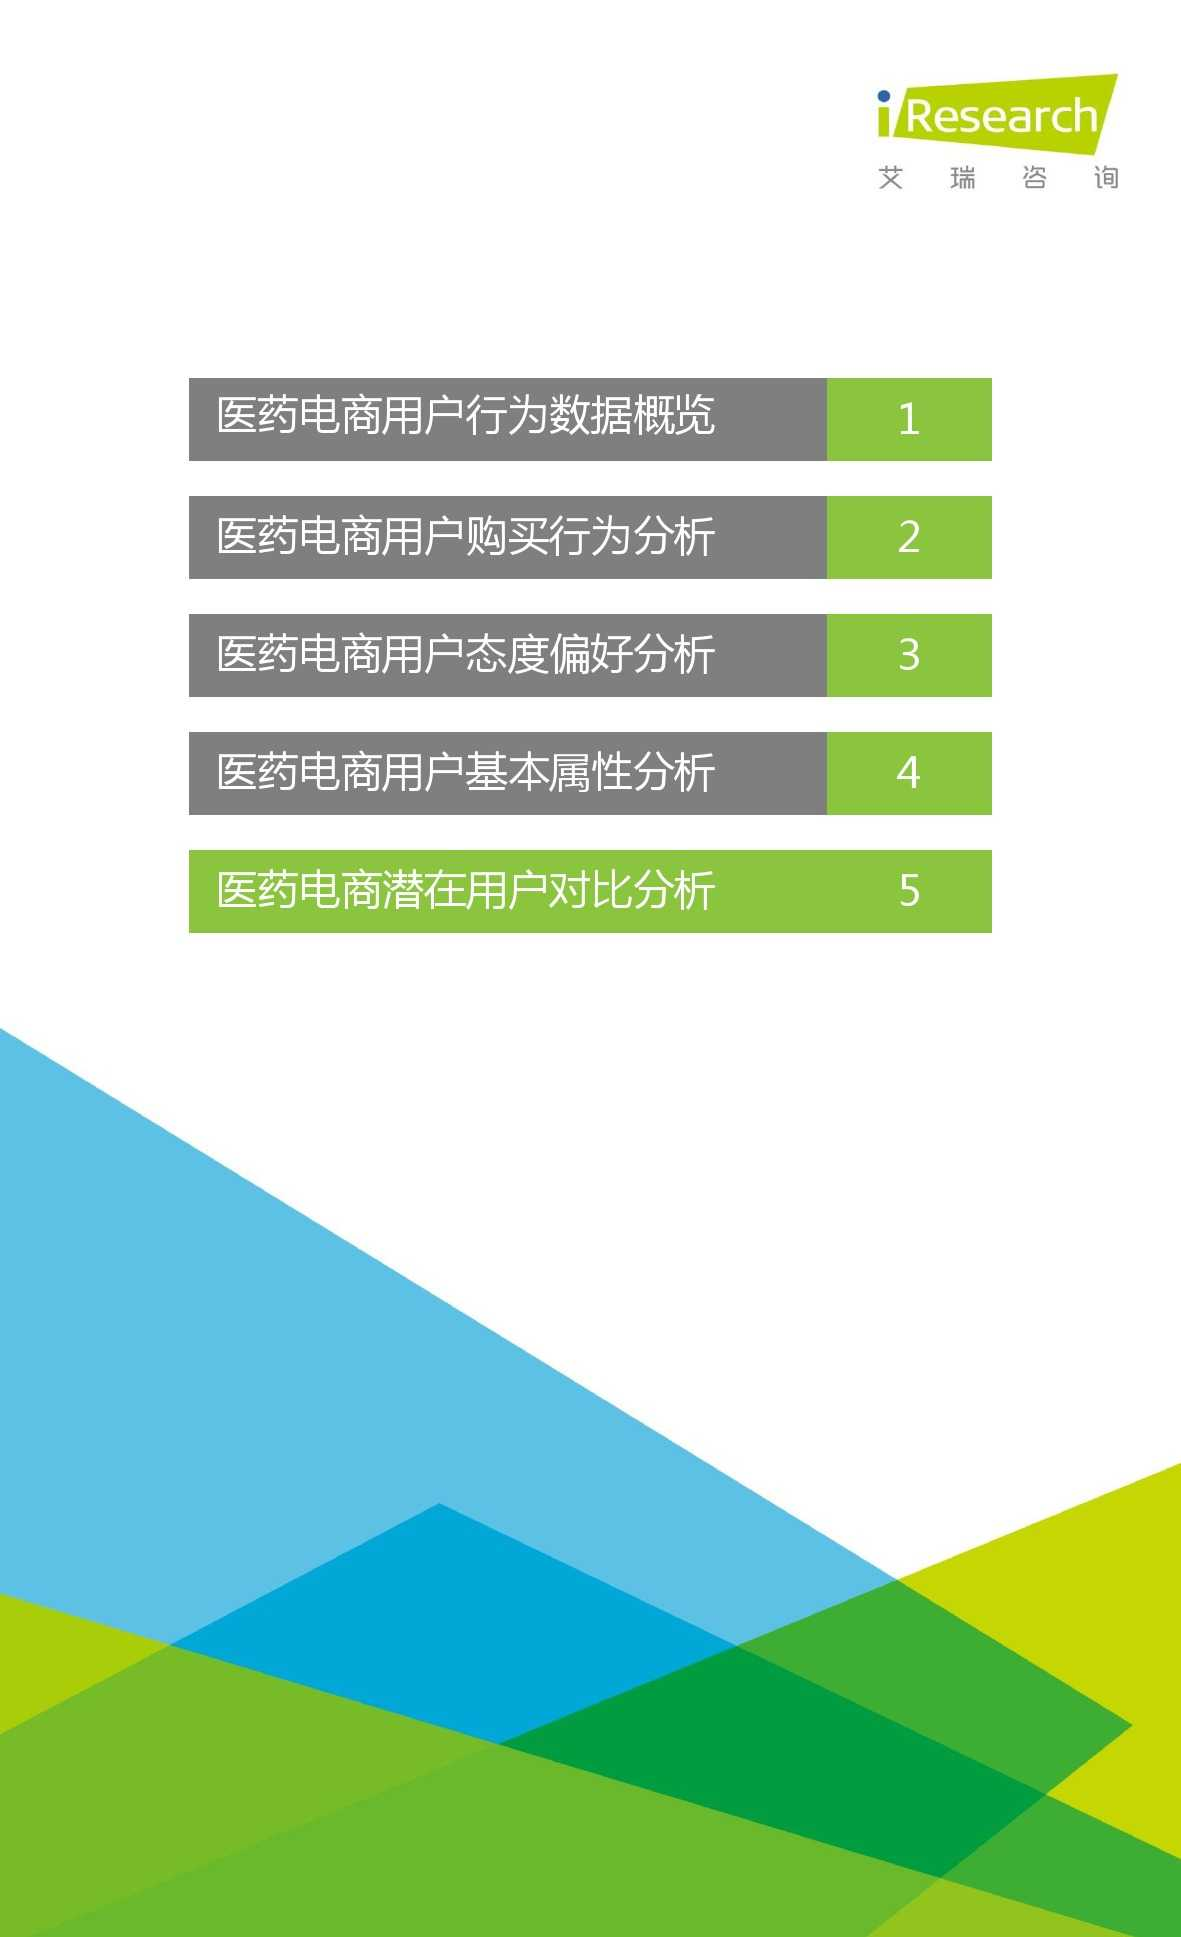 2015年中国医药电商用户行为研究报告_000035